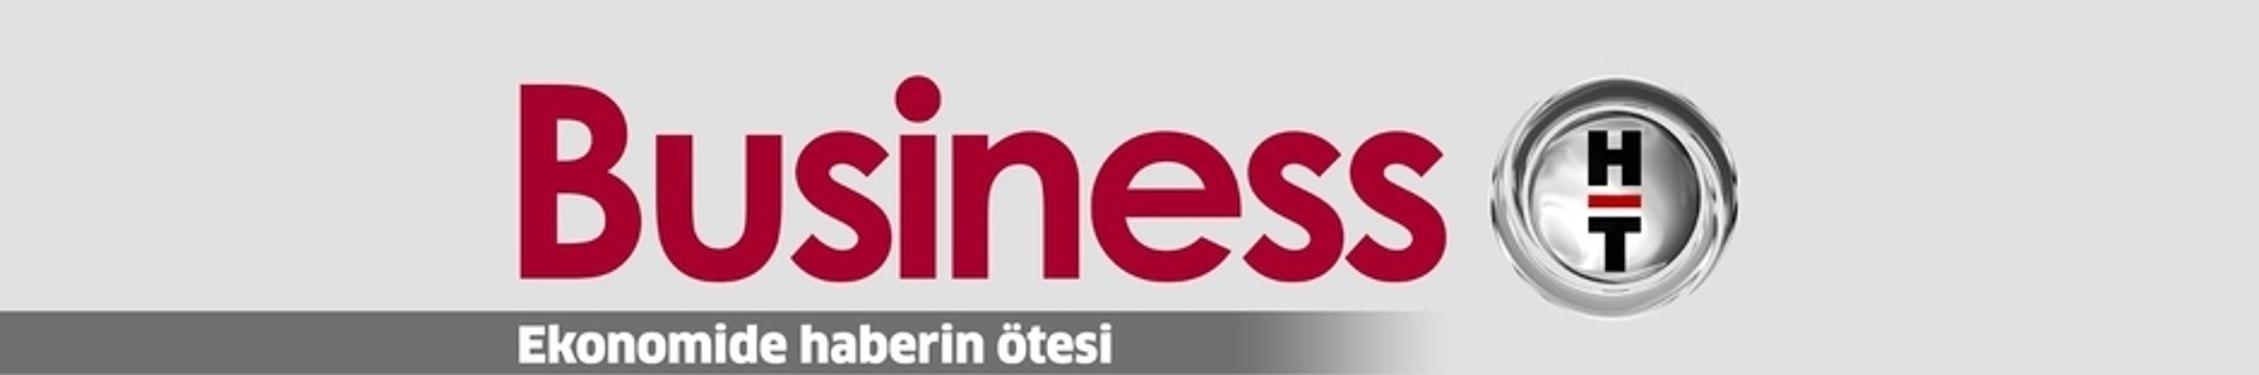 BusinessHT